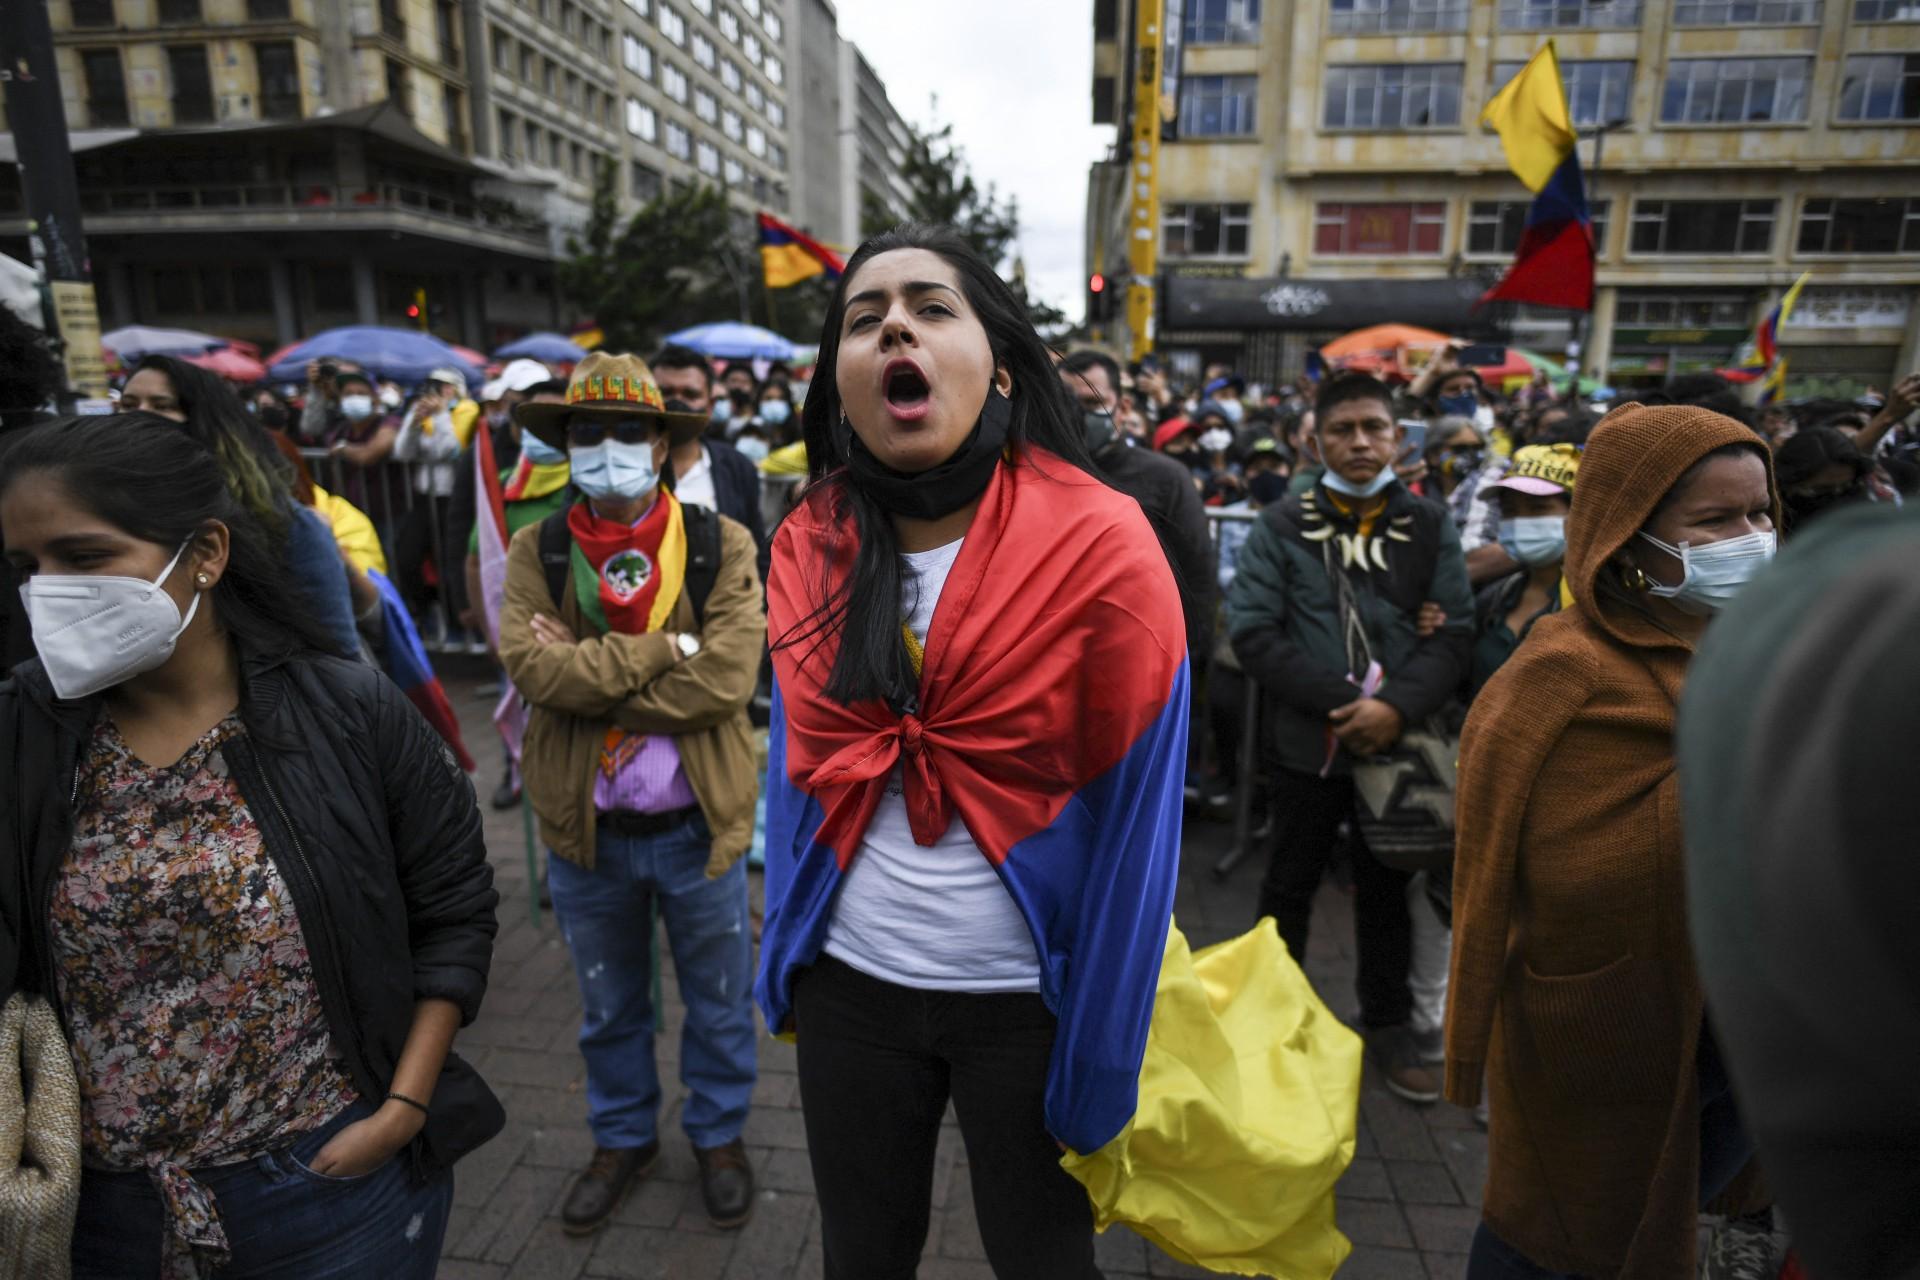 PROTESTOS na Colômbia contra o governo continuam após três meses e simbolizam nível de acirramento político na região (Foto: Juan BARRETO / AFP)